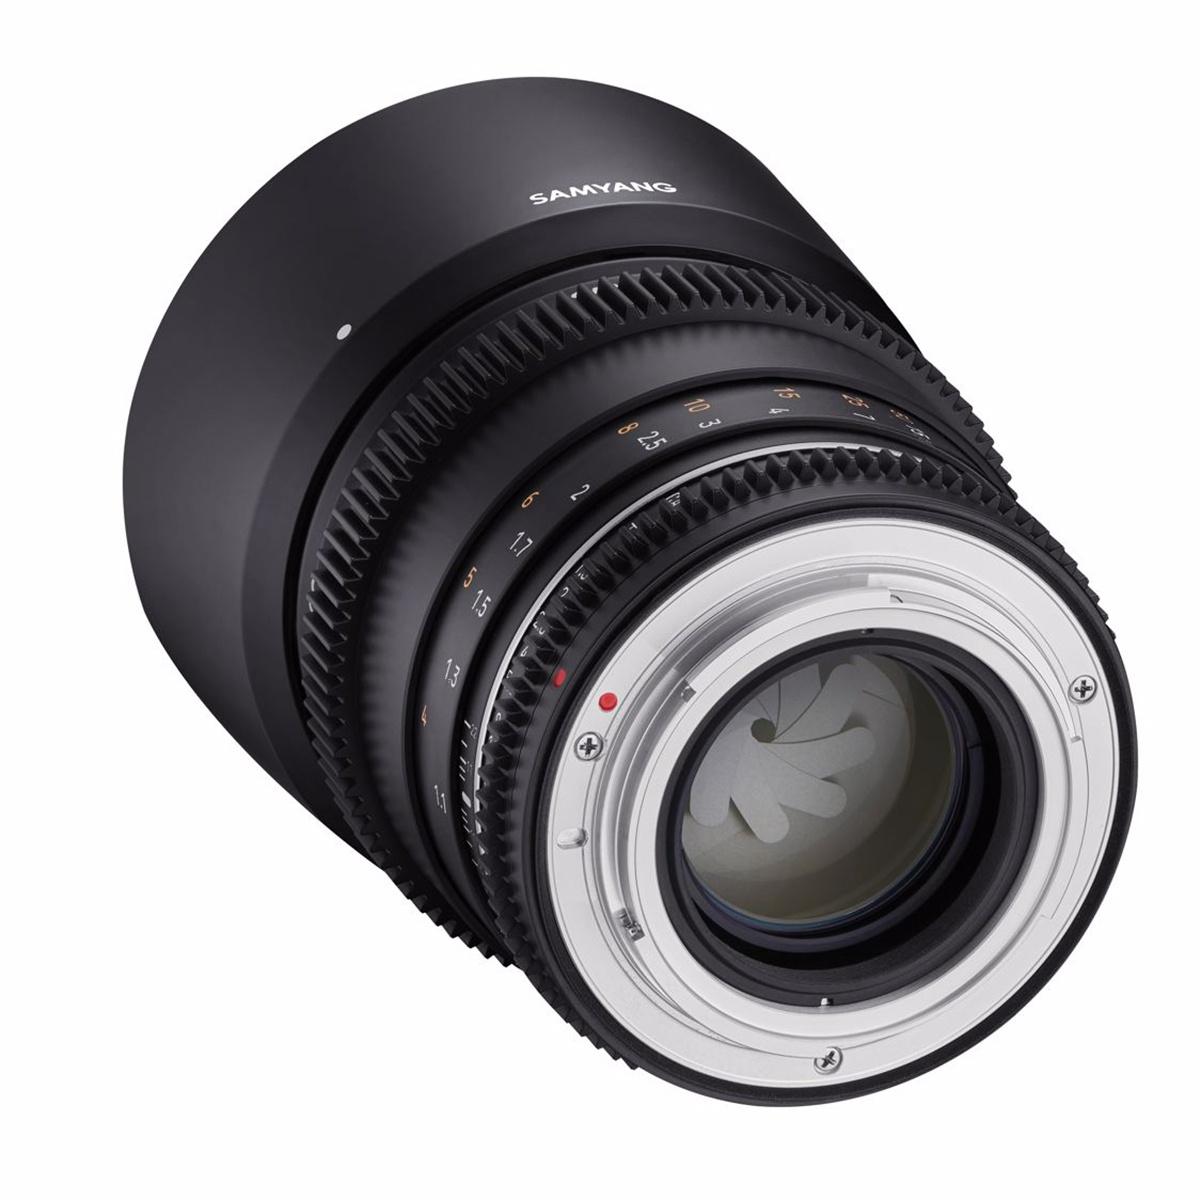 SAMYANG 85mm T1.5 VDSLR MK2 Sony E